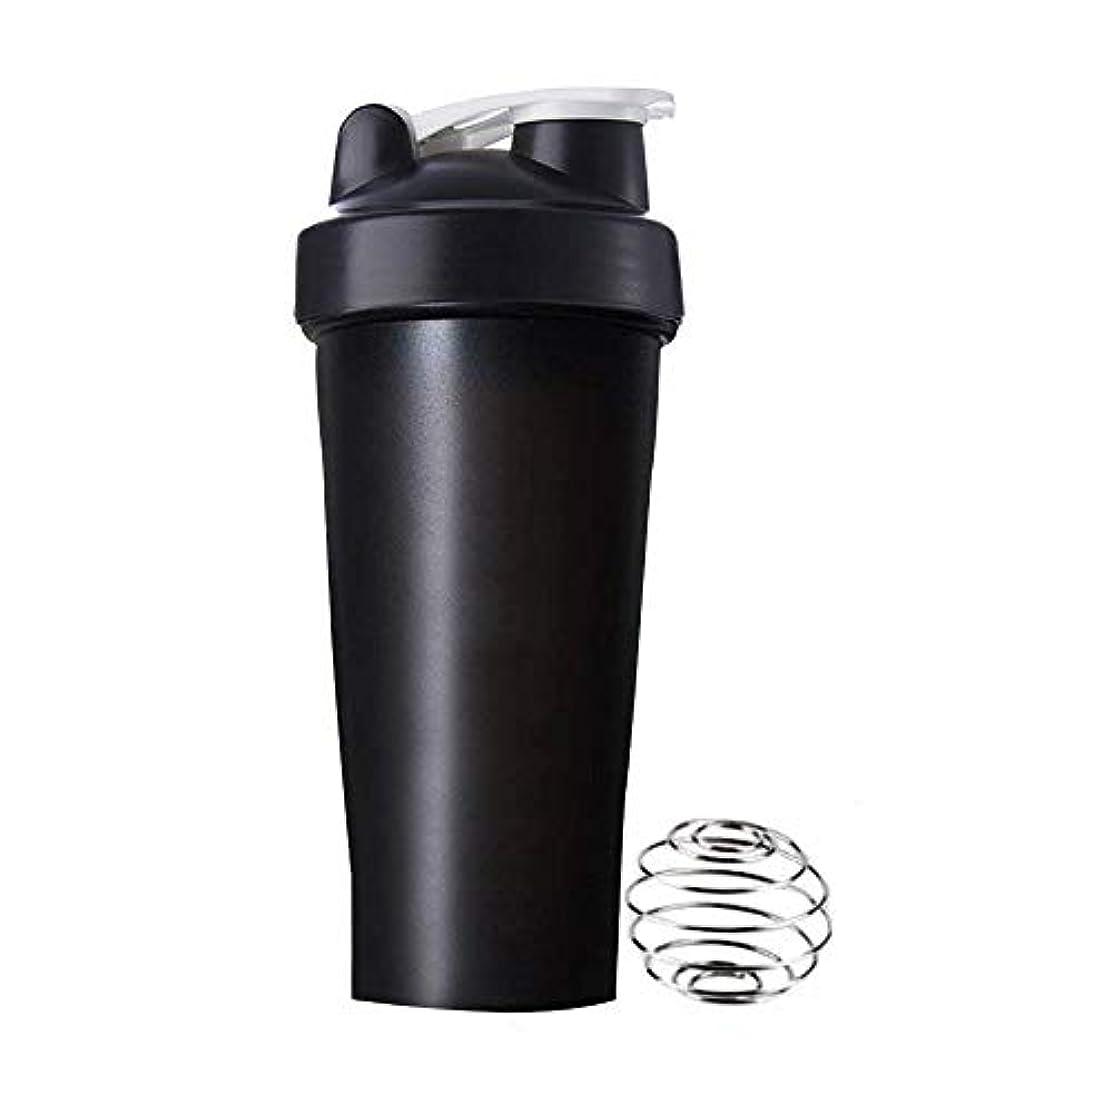 まぶしさ栄養サイレントRoman Center プロテインシェイカー 直飲み プラスチックウォーターボトル ジム シェーカーボトル 600ml